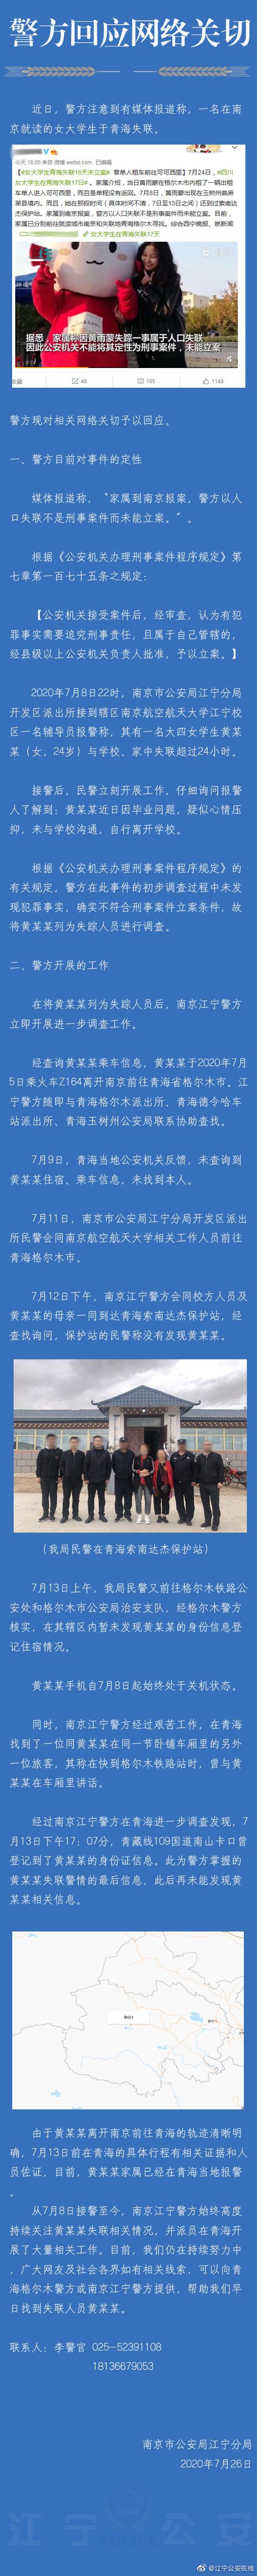 警方回应女大学生青海旅游失联 已开展相关工